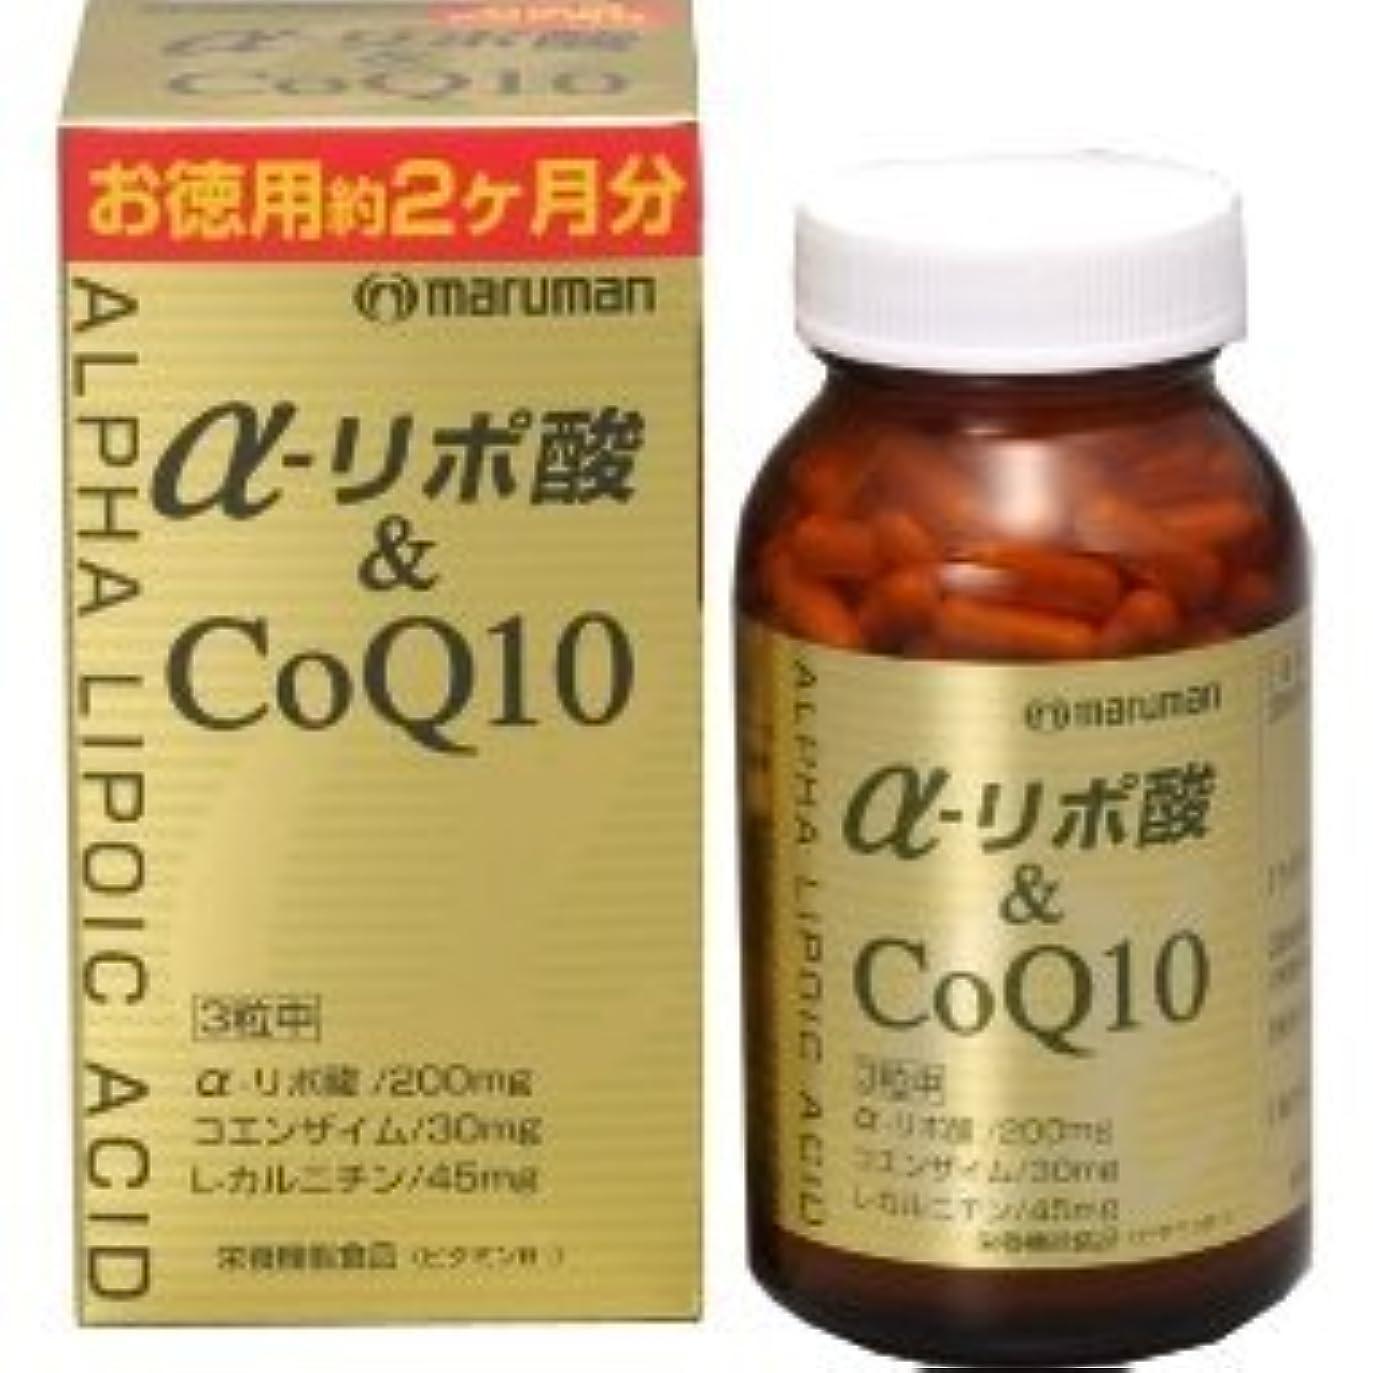 あいにくせがむ現金αリポ酸&COQ10 180粒